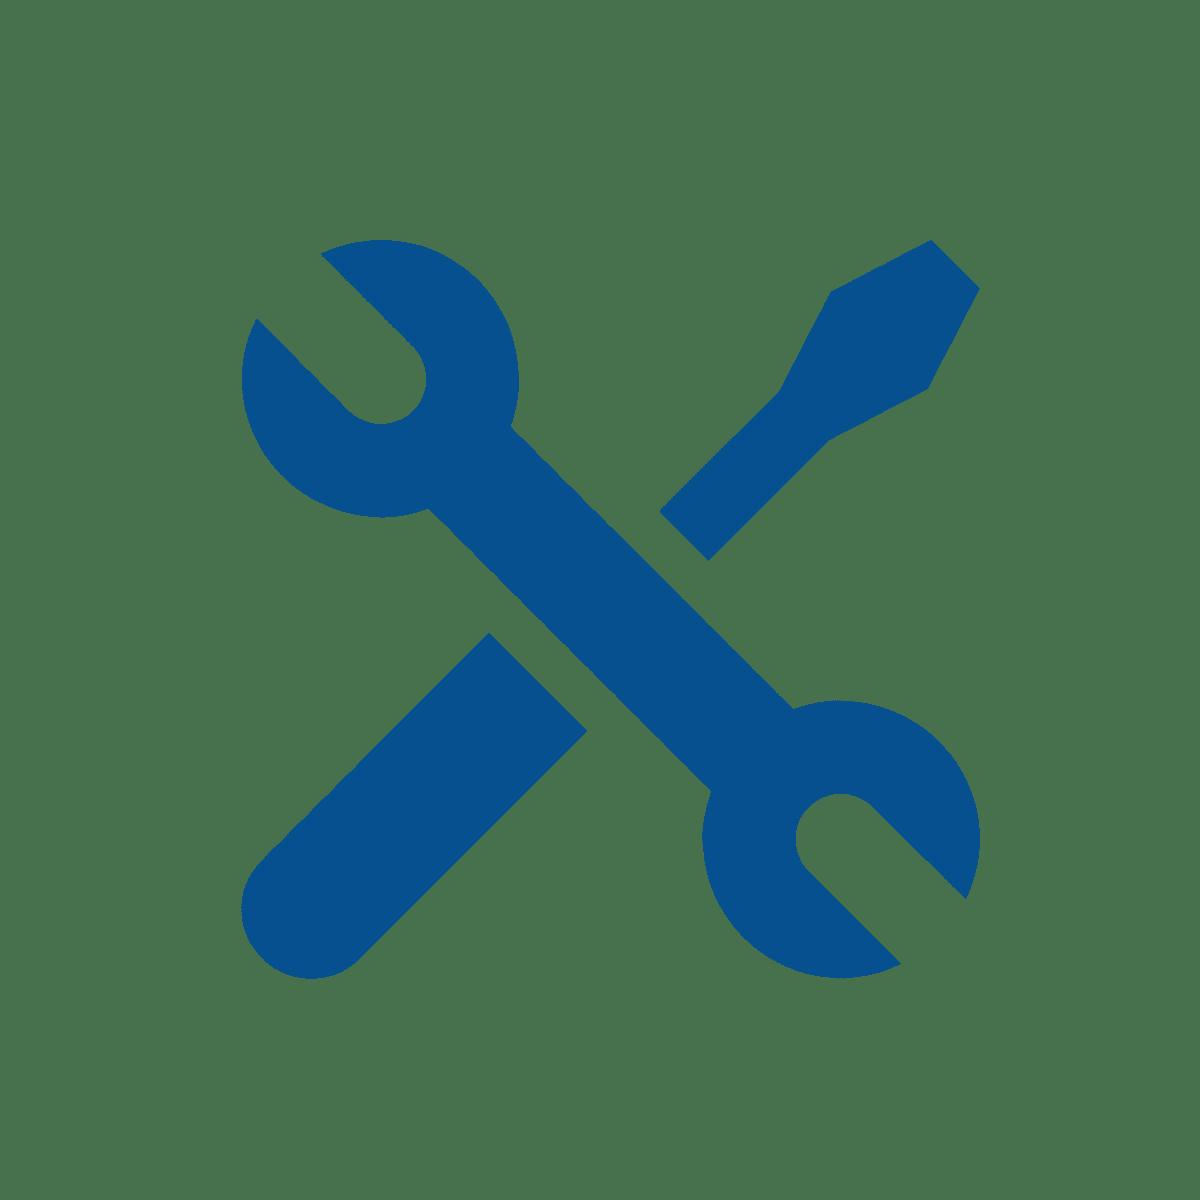 ورشة الصيانة والتصليحات العامة